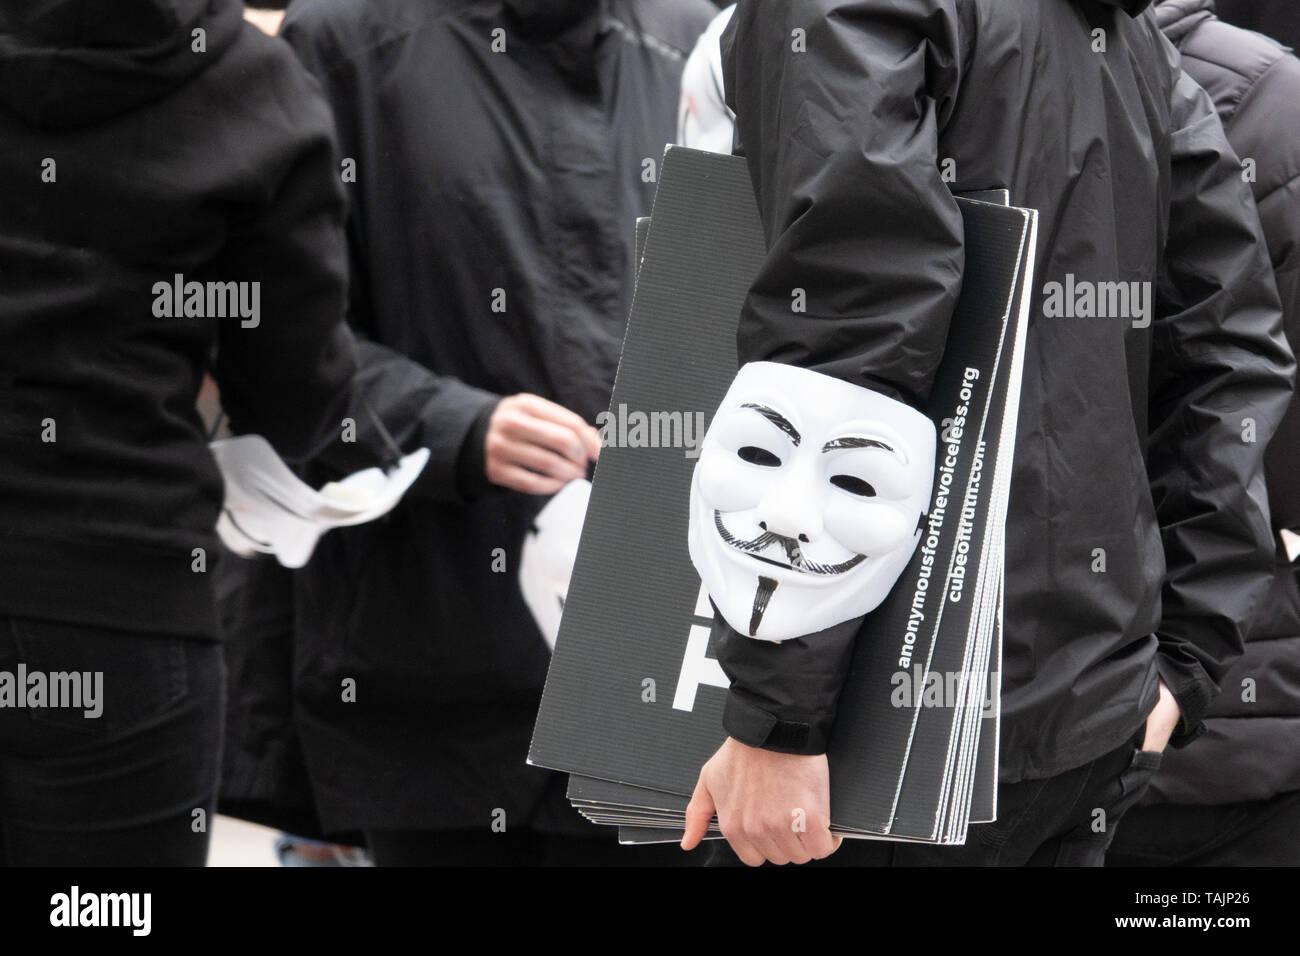 Eine Gruppe junger Leute ganz in Schwarz gekleidet, geht auf die Straße mit anonymen Masken zu demonstrieren. Stockfoto